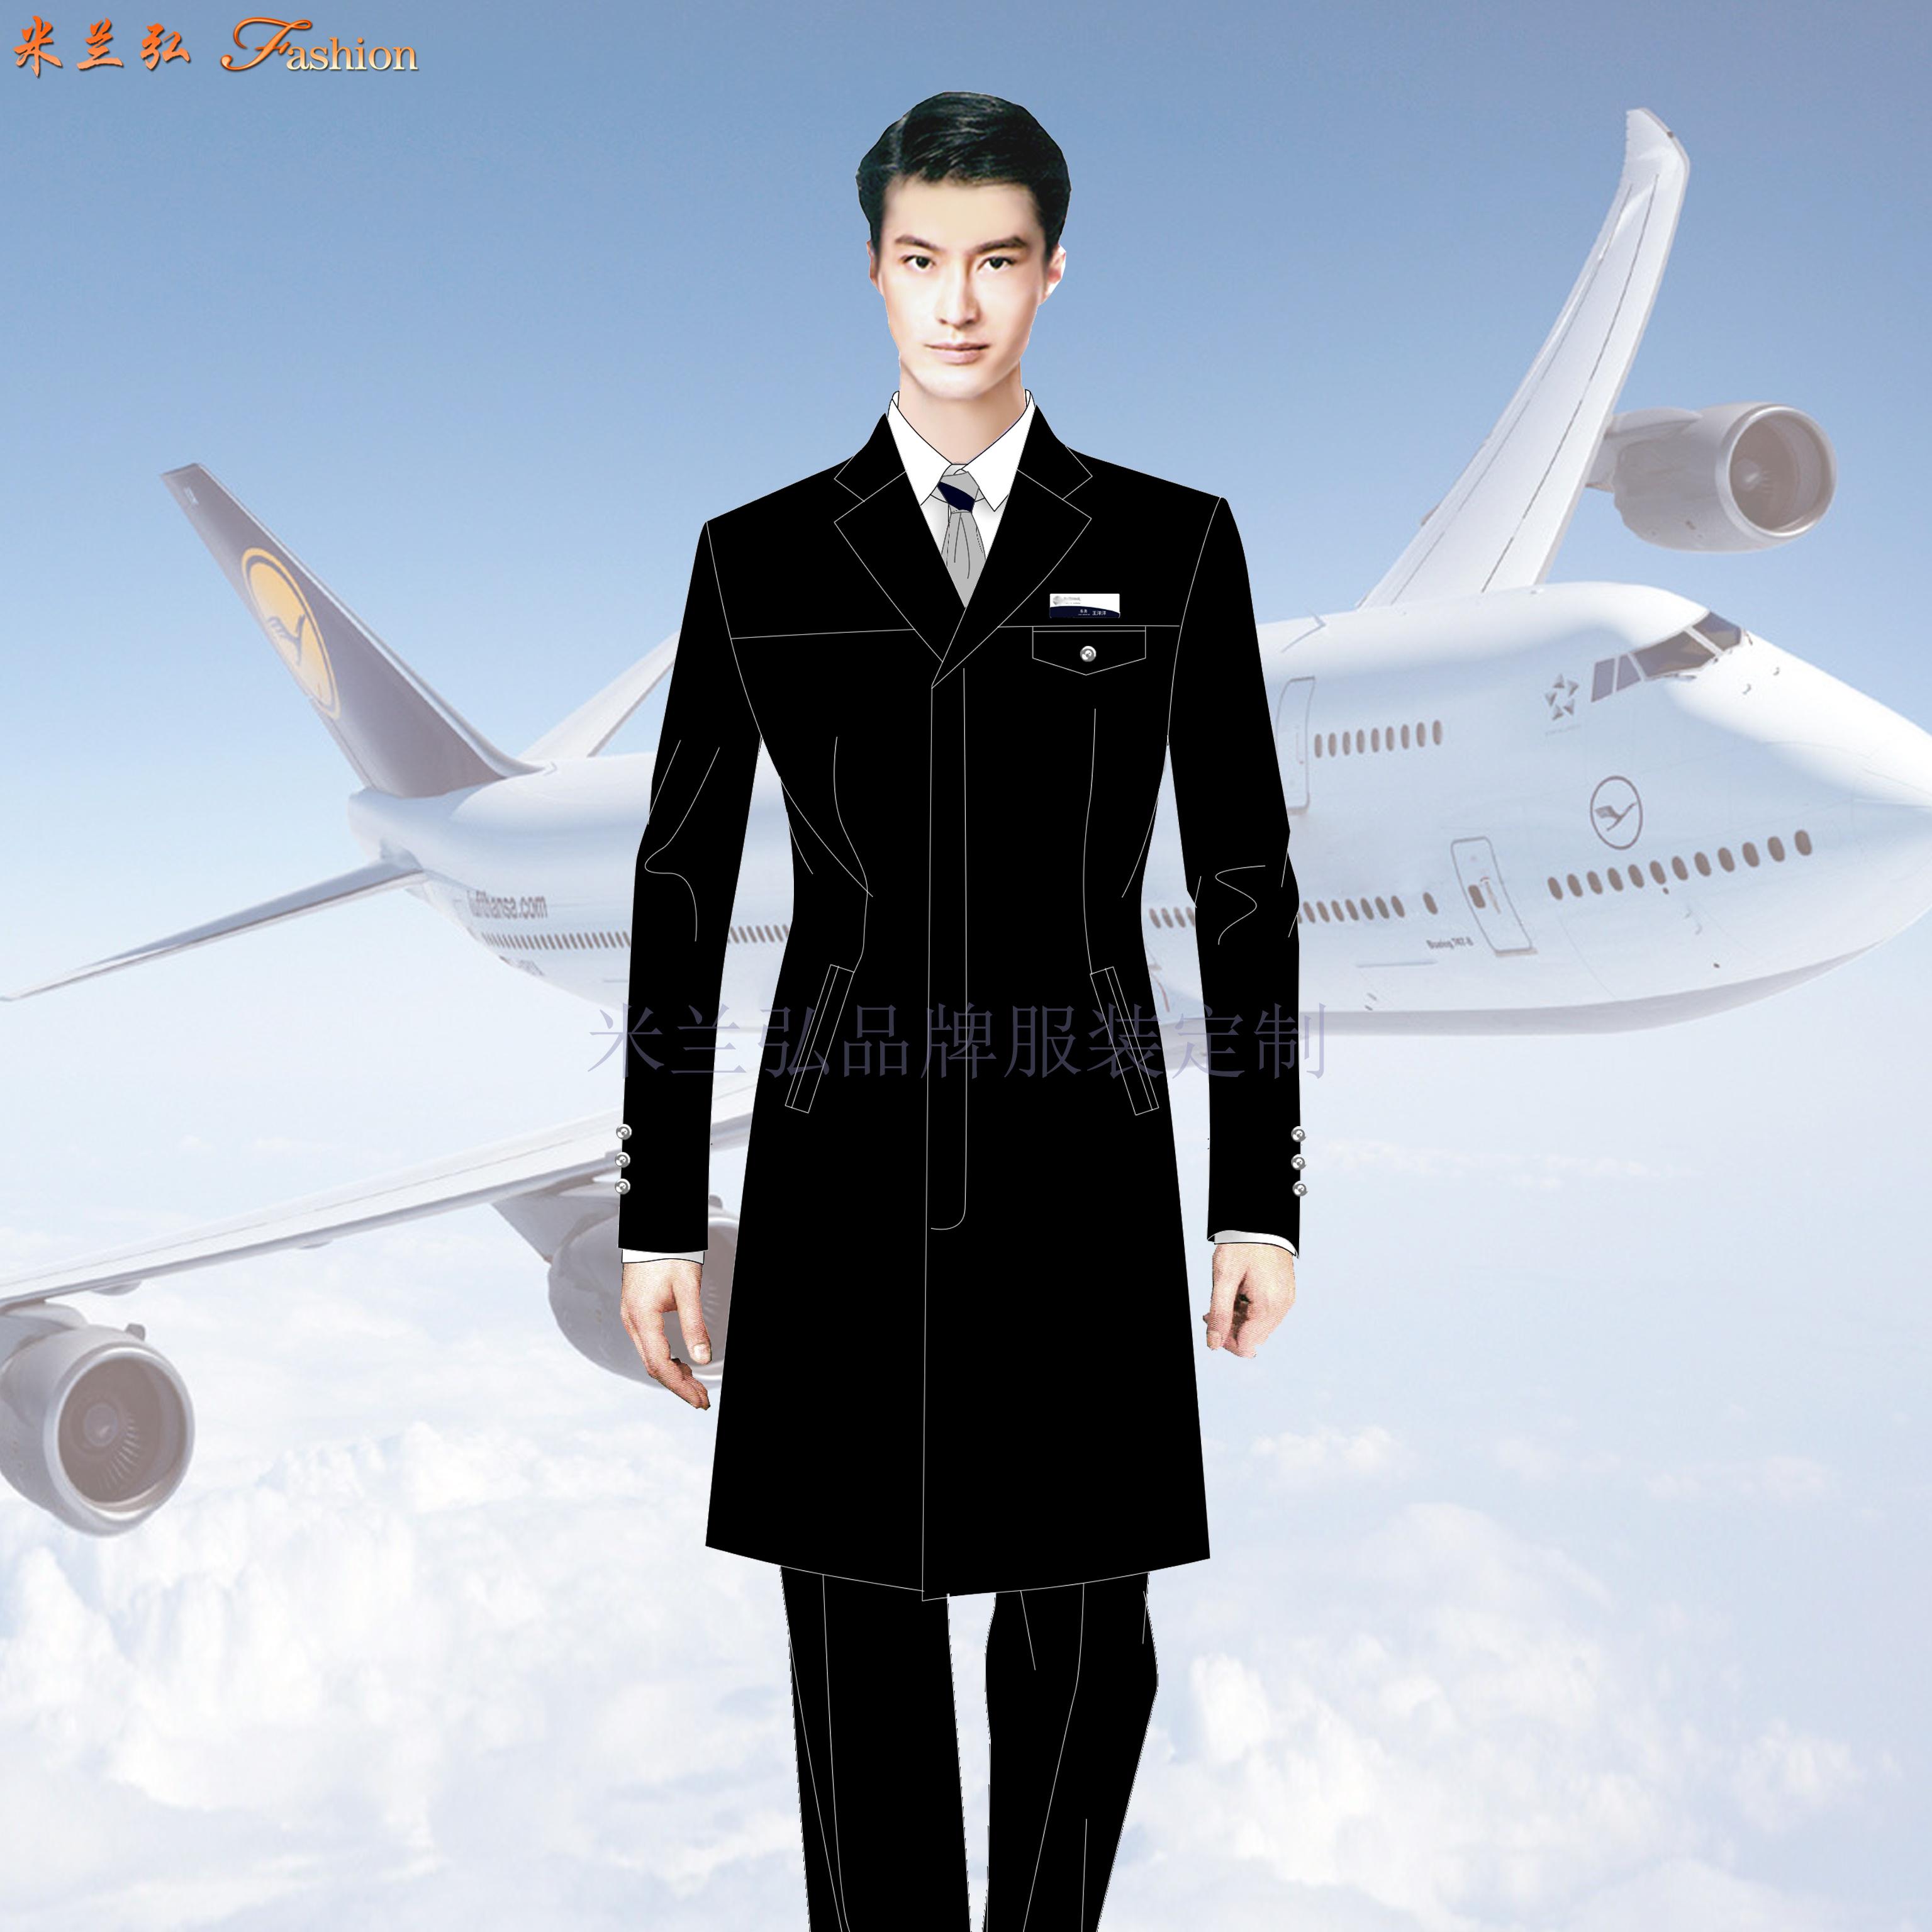 航空公司機長大衣定做_空姐服大衣定制_飛機空乘服大衣訂制-1